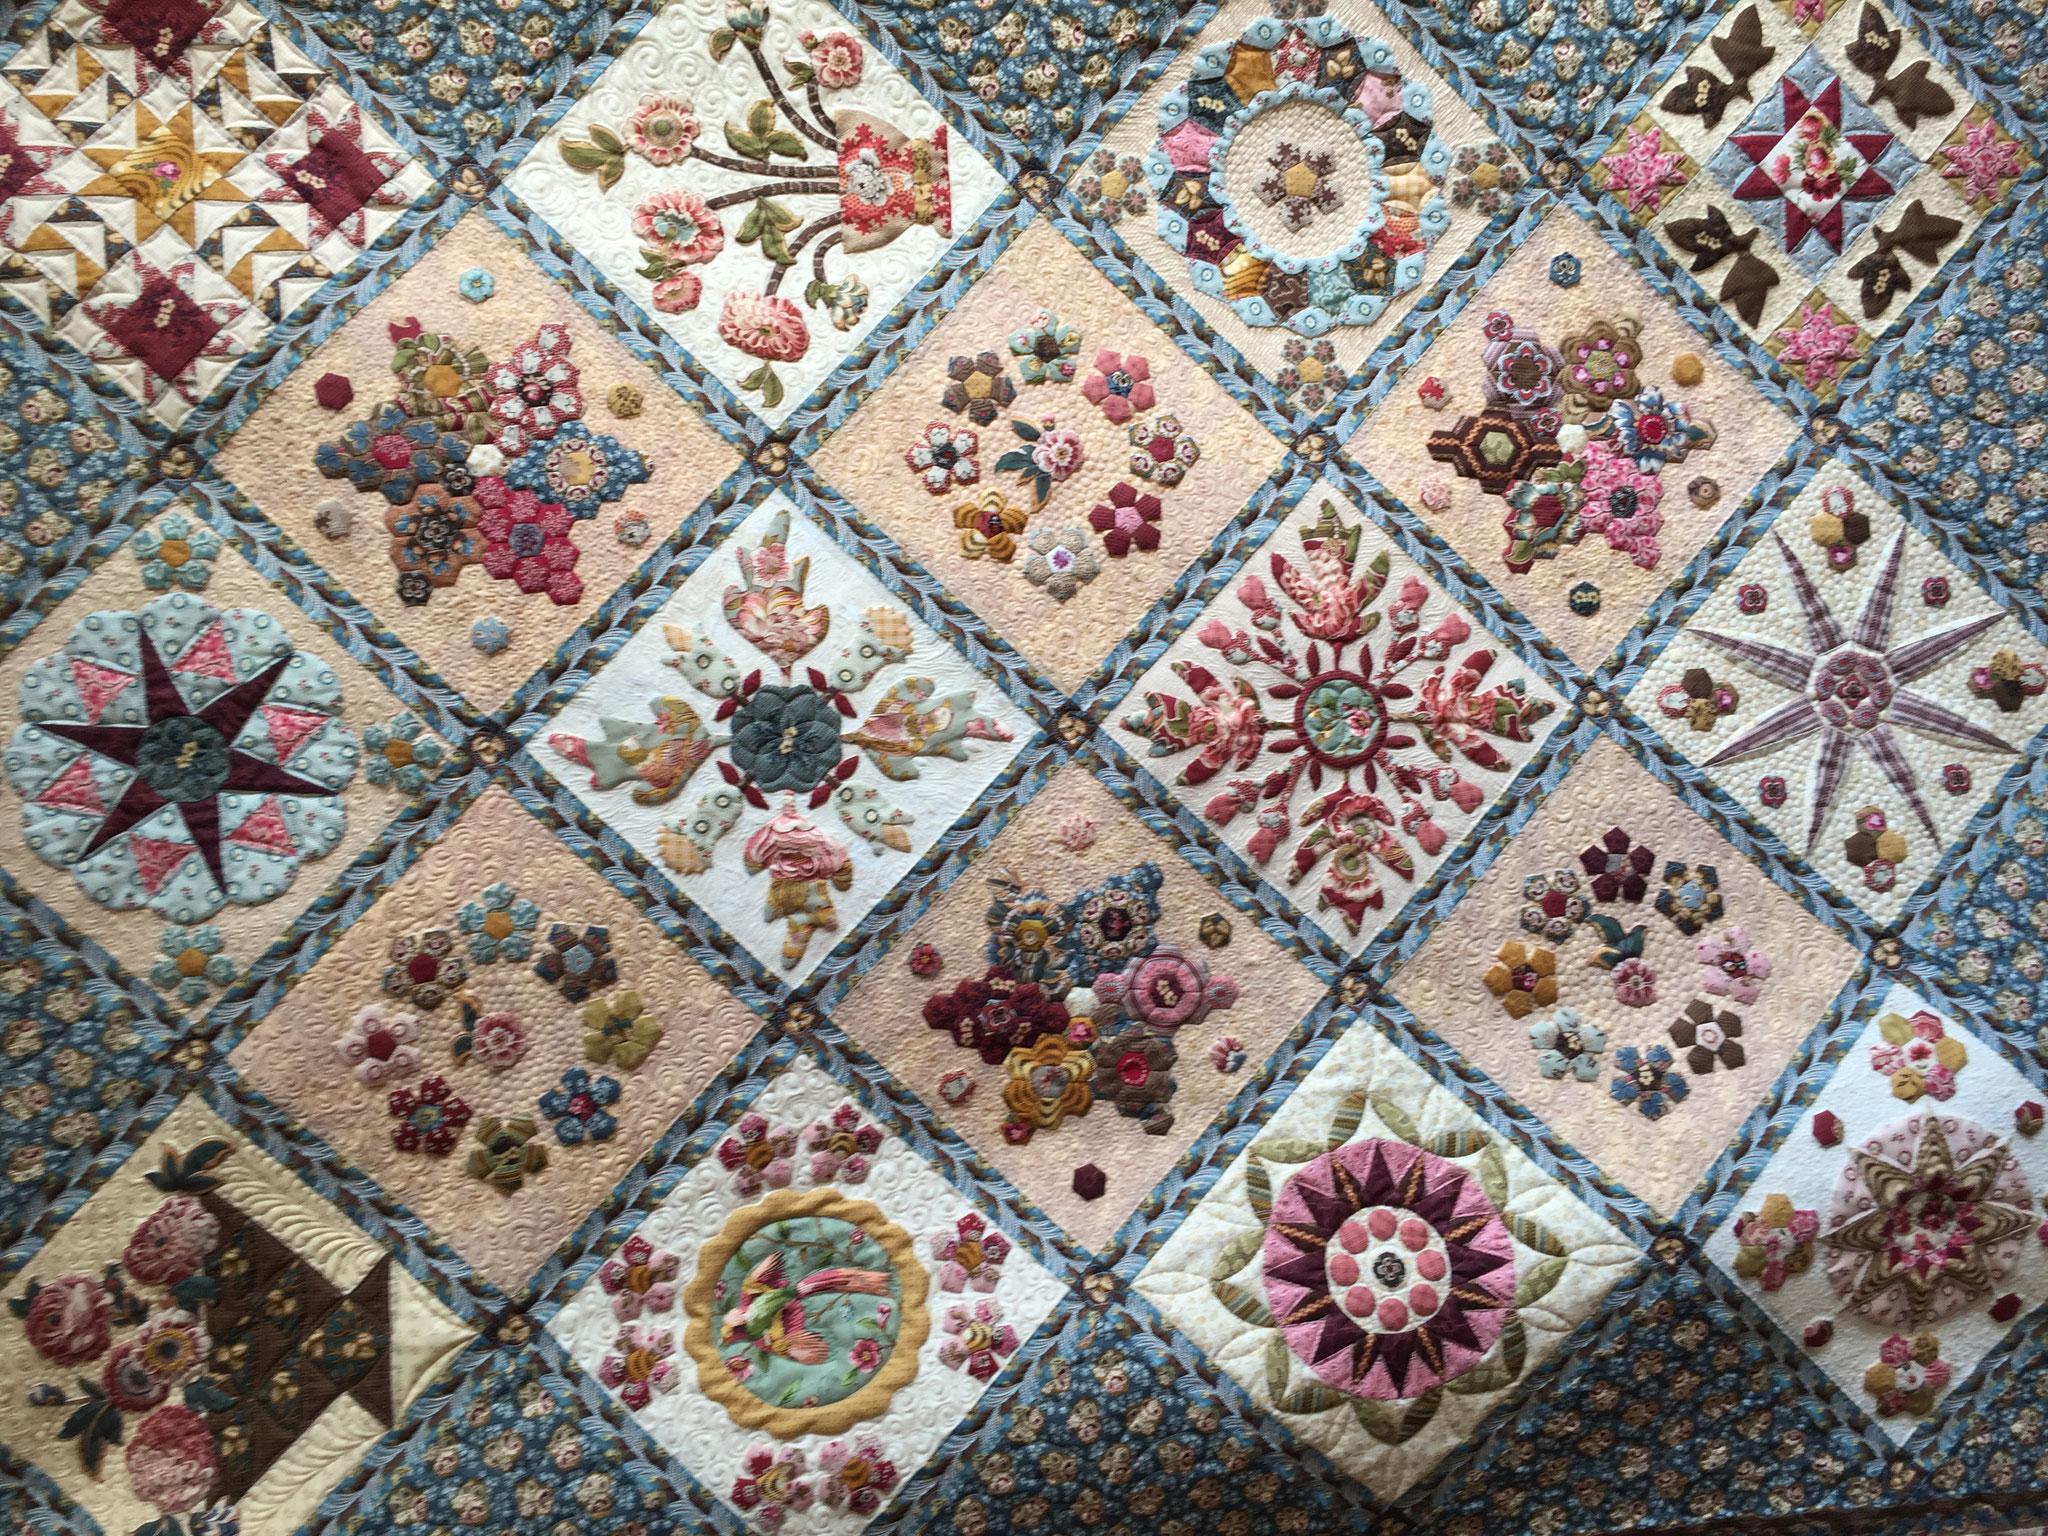 Le quilt est vraiment de toute beauté.